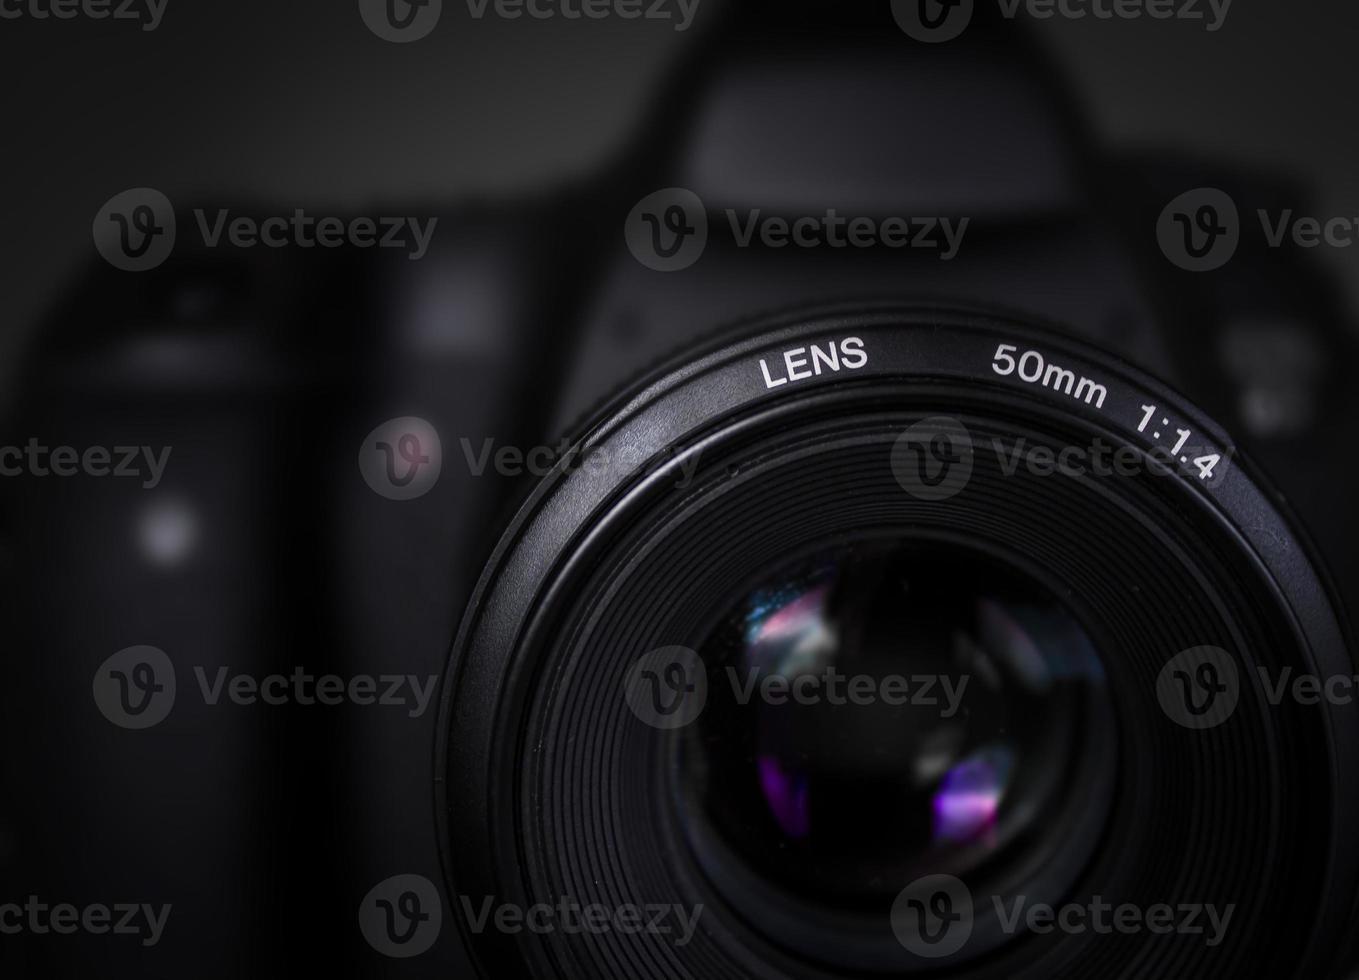 fotocamera reflex digitale con obiettivo da 50 mm. foto